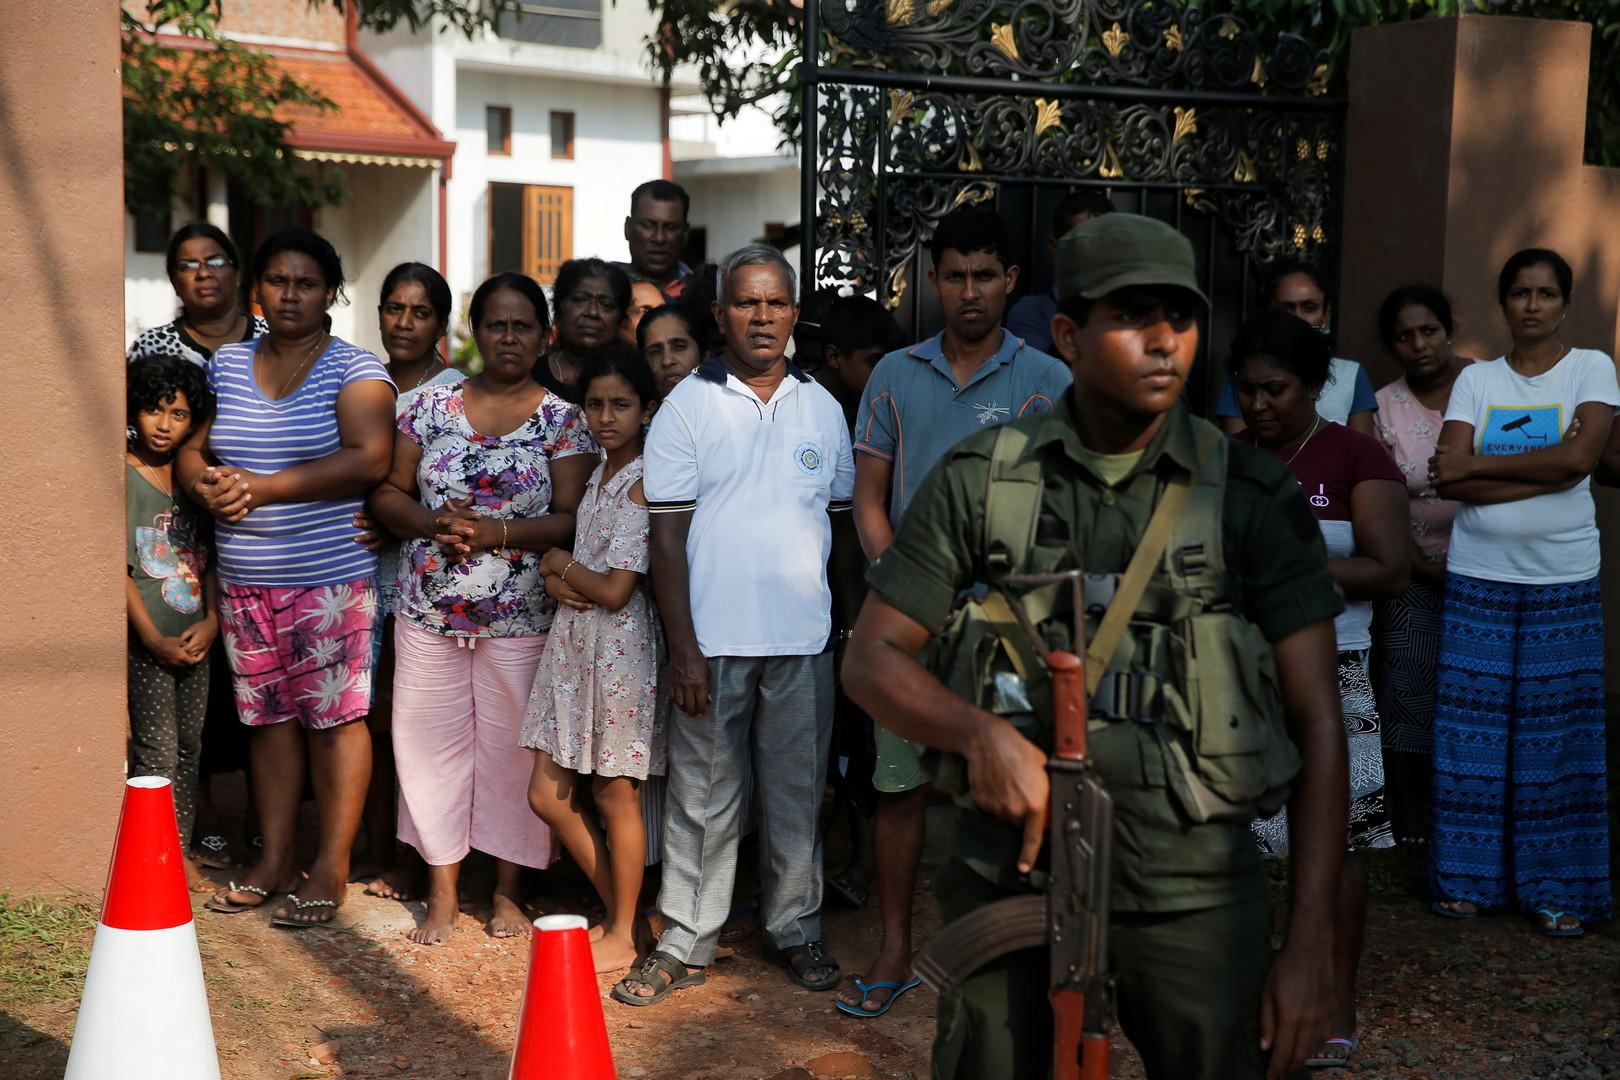 صحيفة بريطانية: استخبارات أجنبية أبلغت سريلانكاعن شبكة إرهابية خطيرة قبل 4 أشهر من المأساة